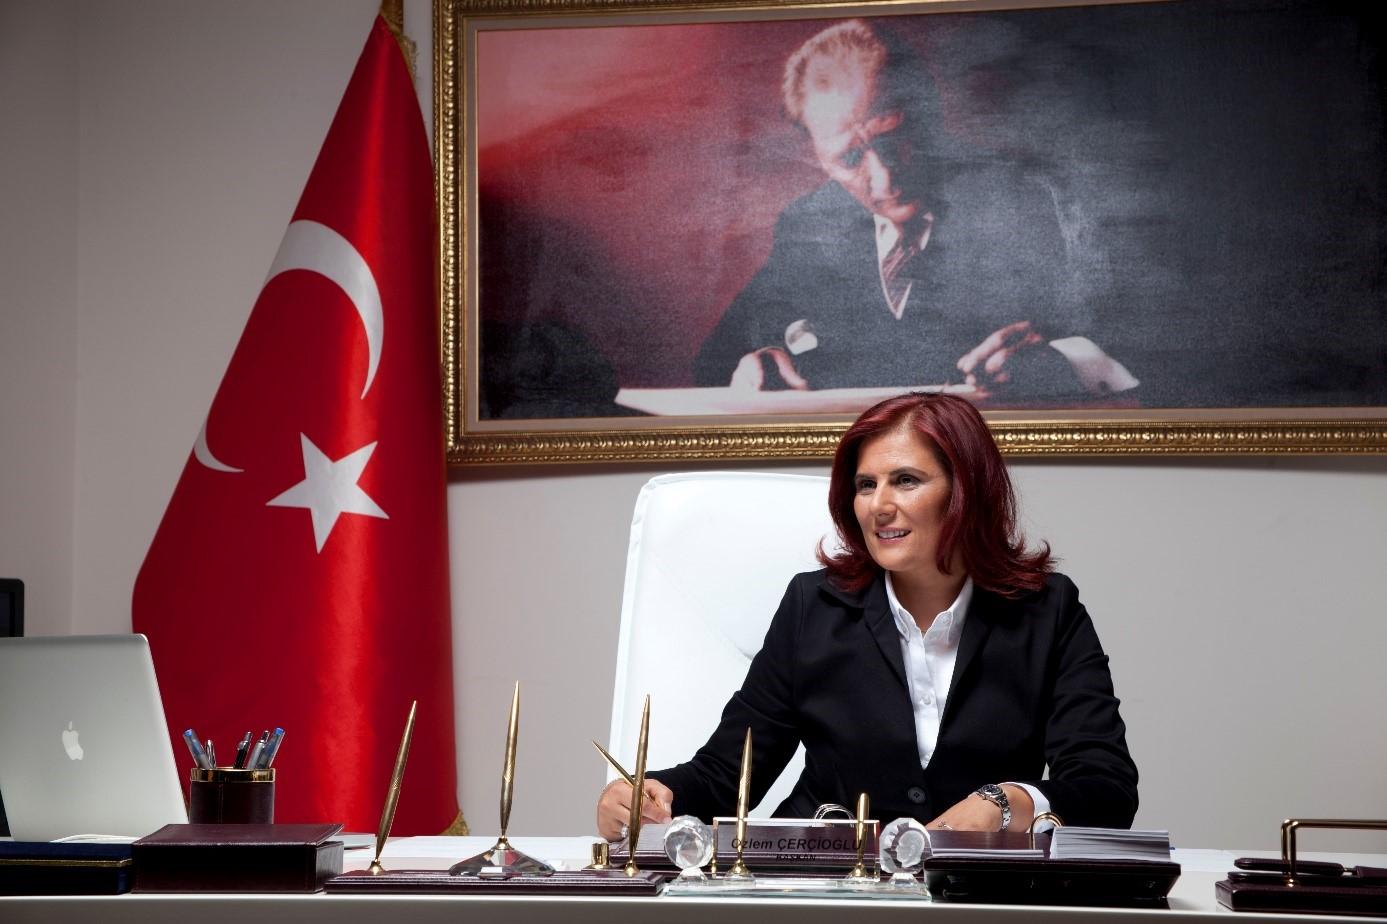 Başkan Çerçioğlu: Her işin başı sağlık